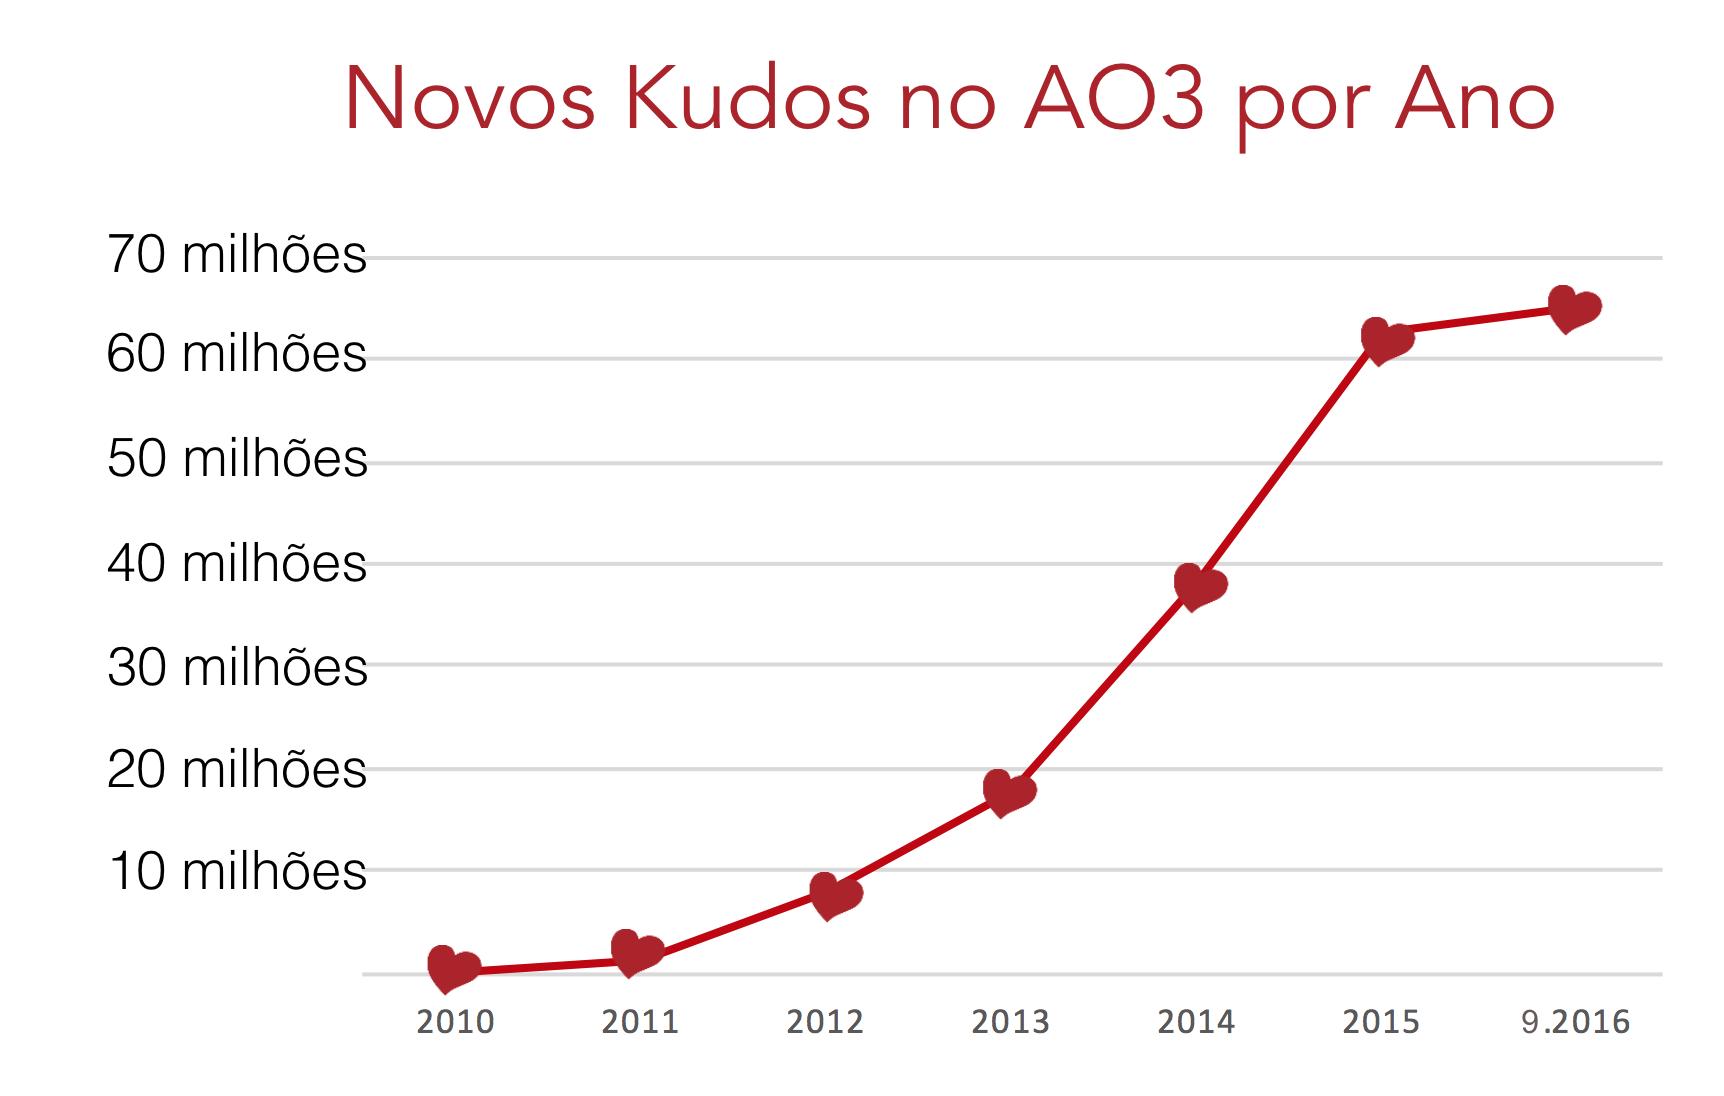 Gráfico de crescimento de kudos no AO3, de zero em 2010 para mais de 60 milhões em setembro de 2016.